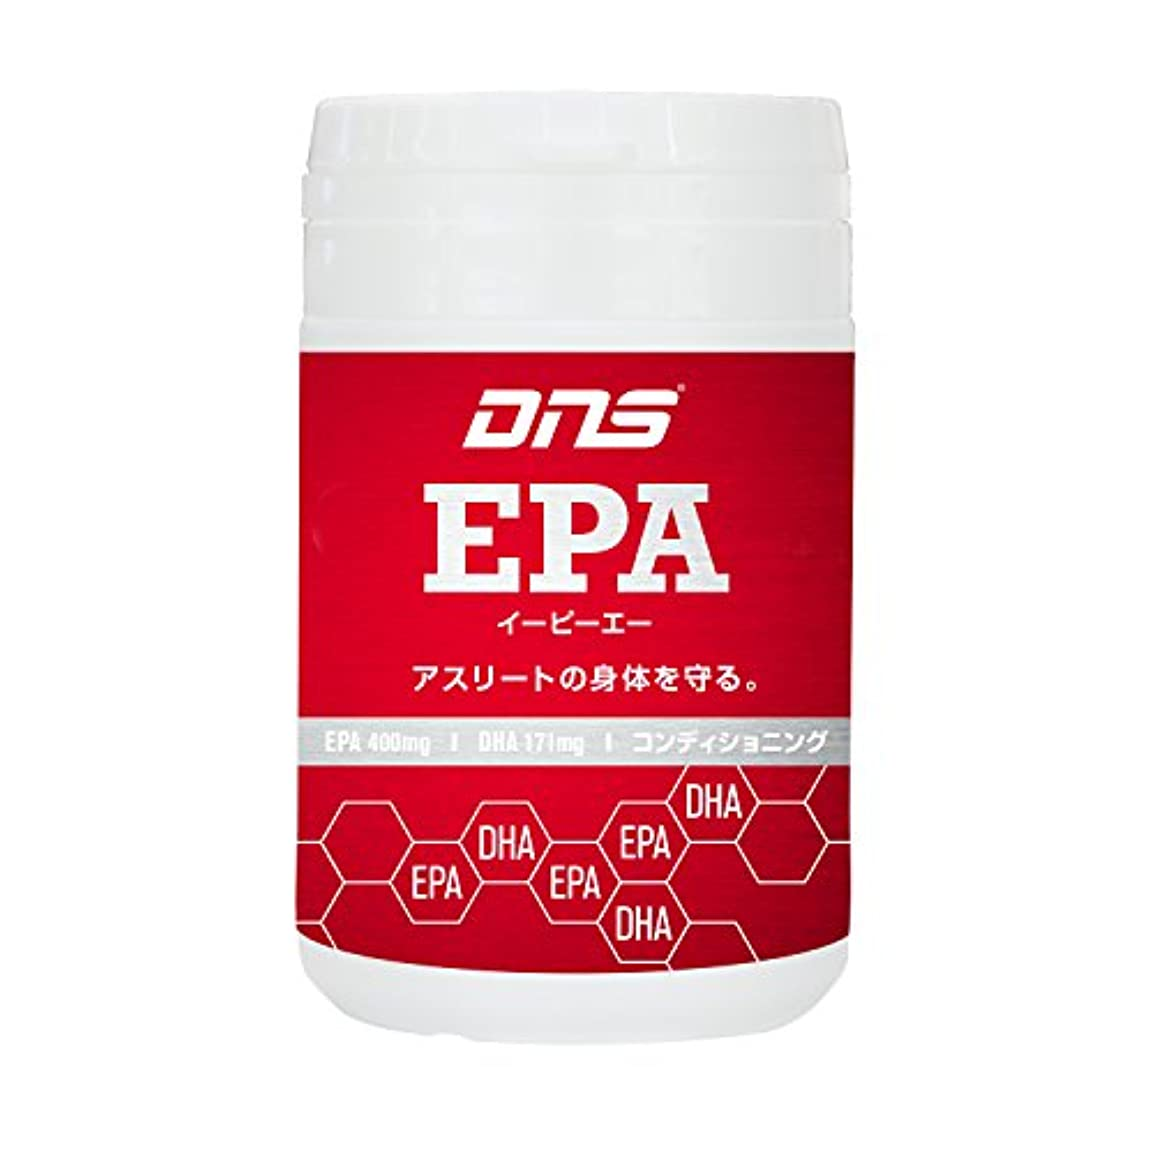 シャッフルラフレシアアルノルディ塩DNS EPA